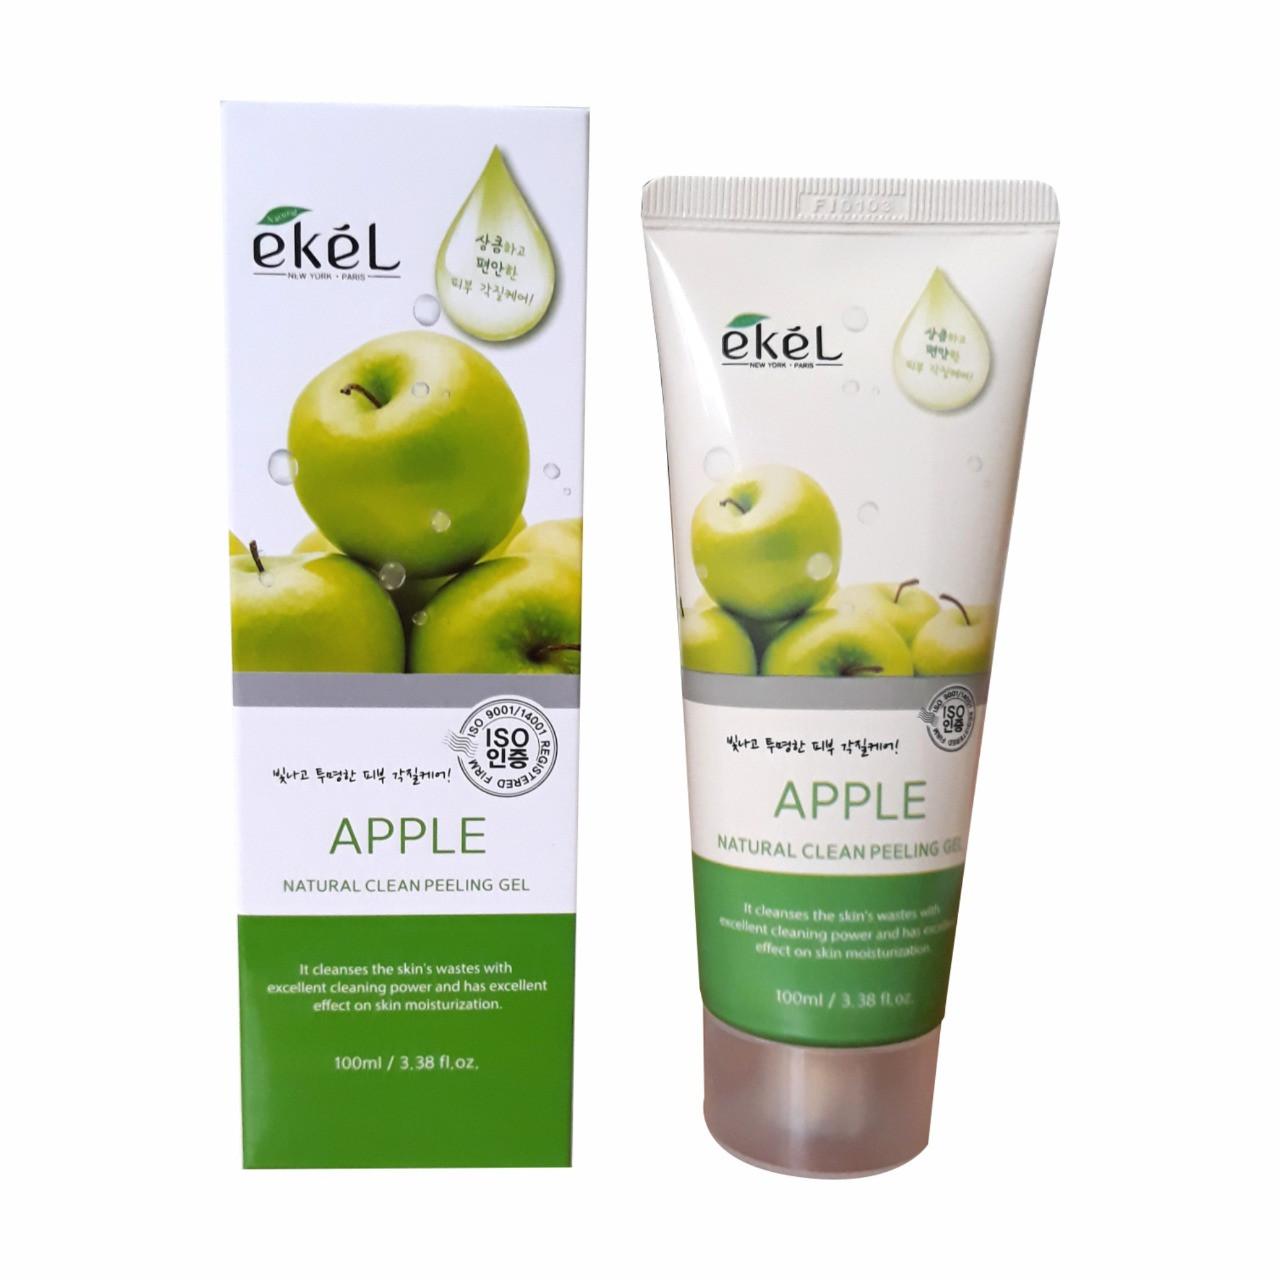 Ekel Natural Clean Peeling Gel Apple Пилинг-Скатка с Экстрактом Зеленого Яблока 100гр.